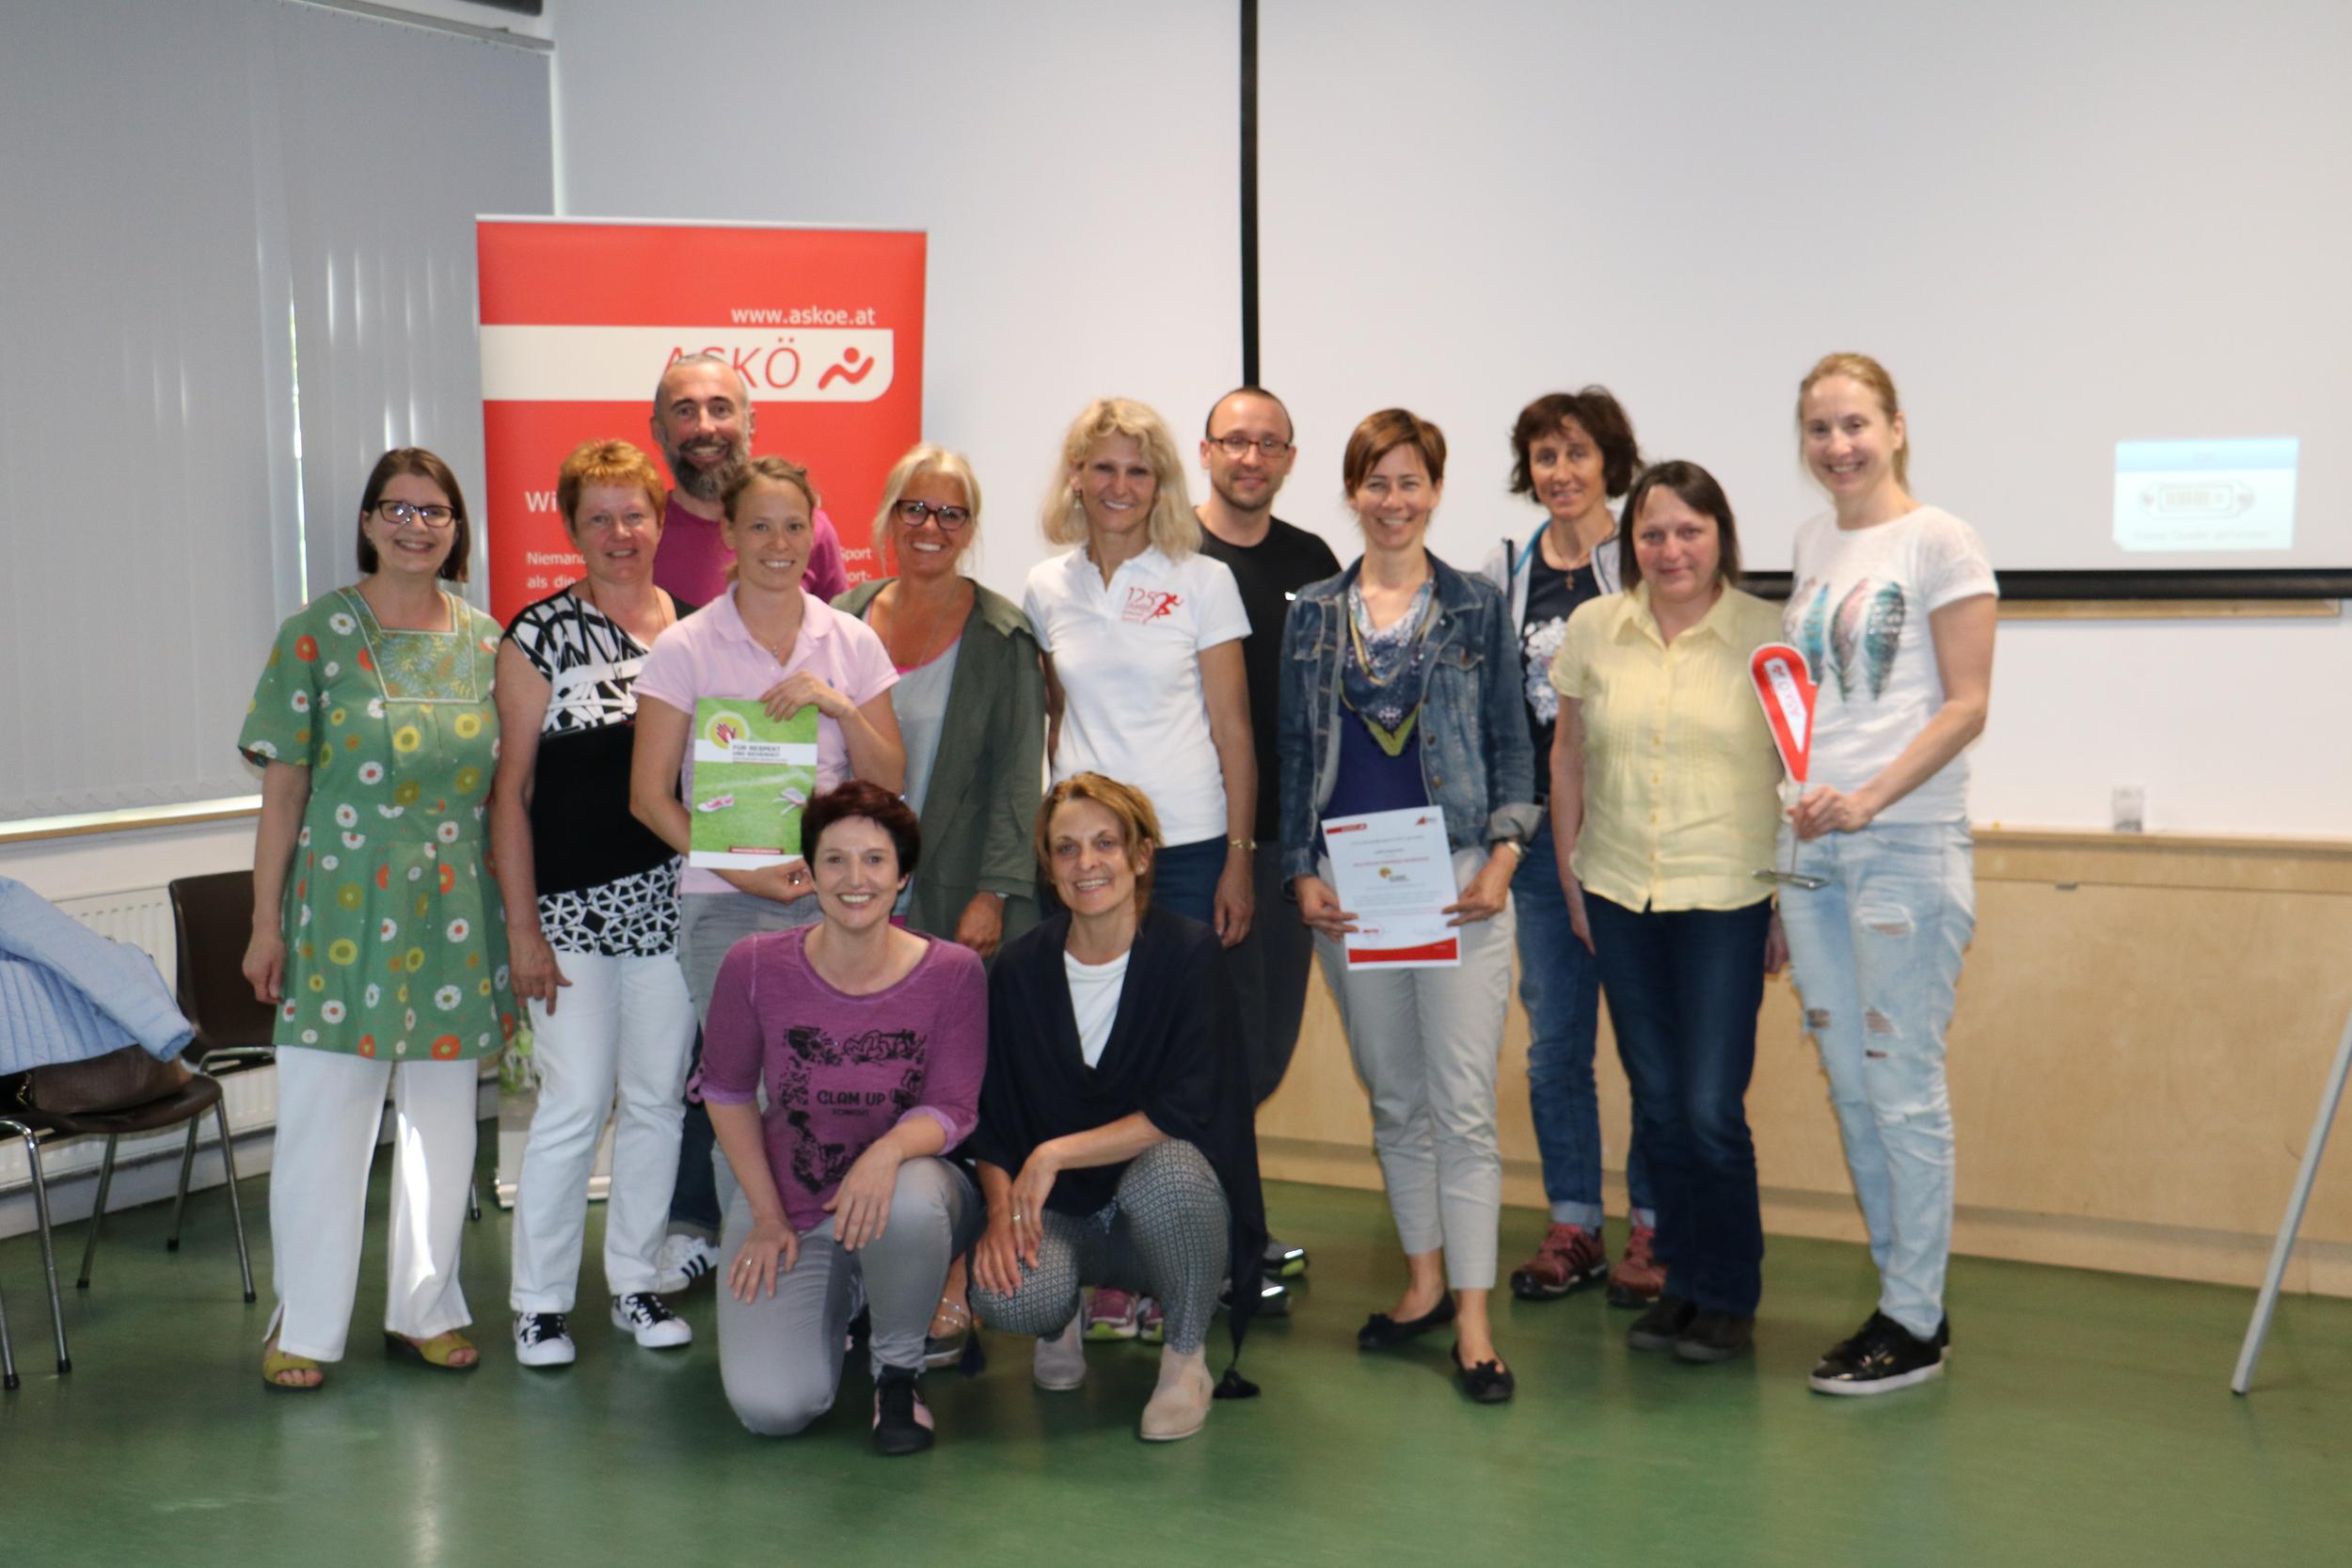 """11 neue ASKÖ MultiplikatorInnen für """"Respekt und Sicherheit im Sport"""""""